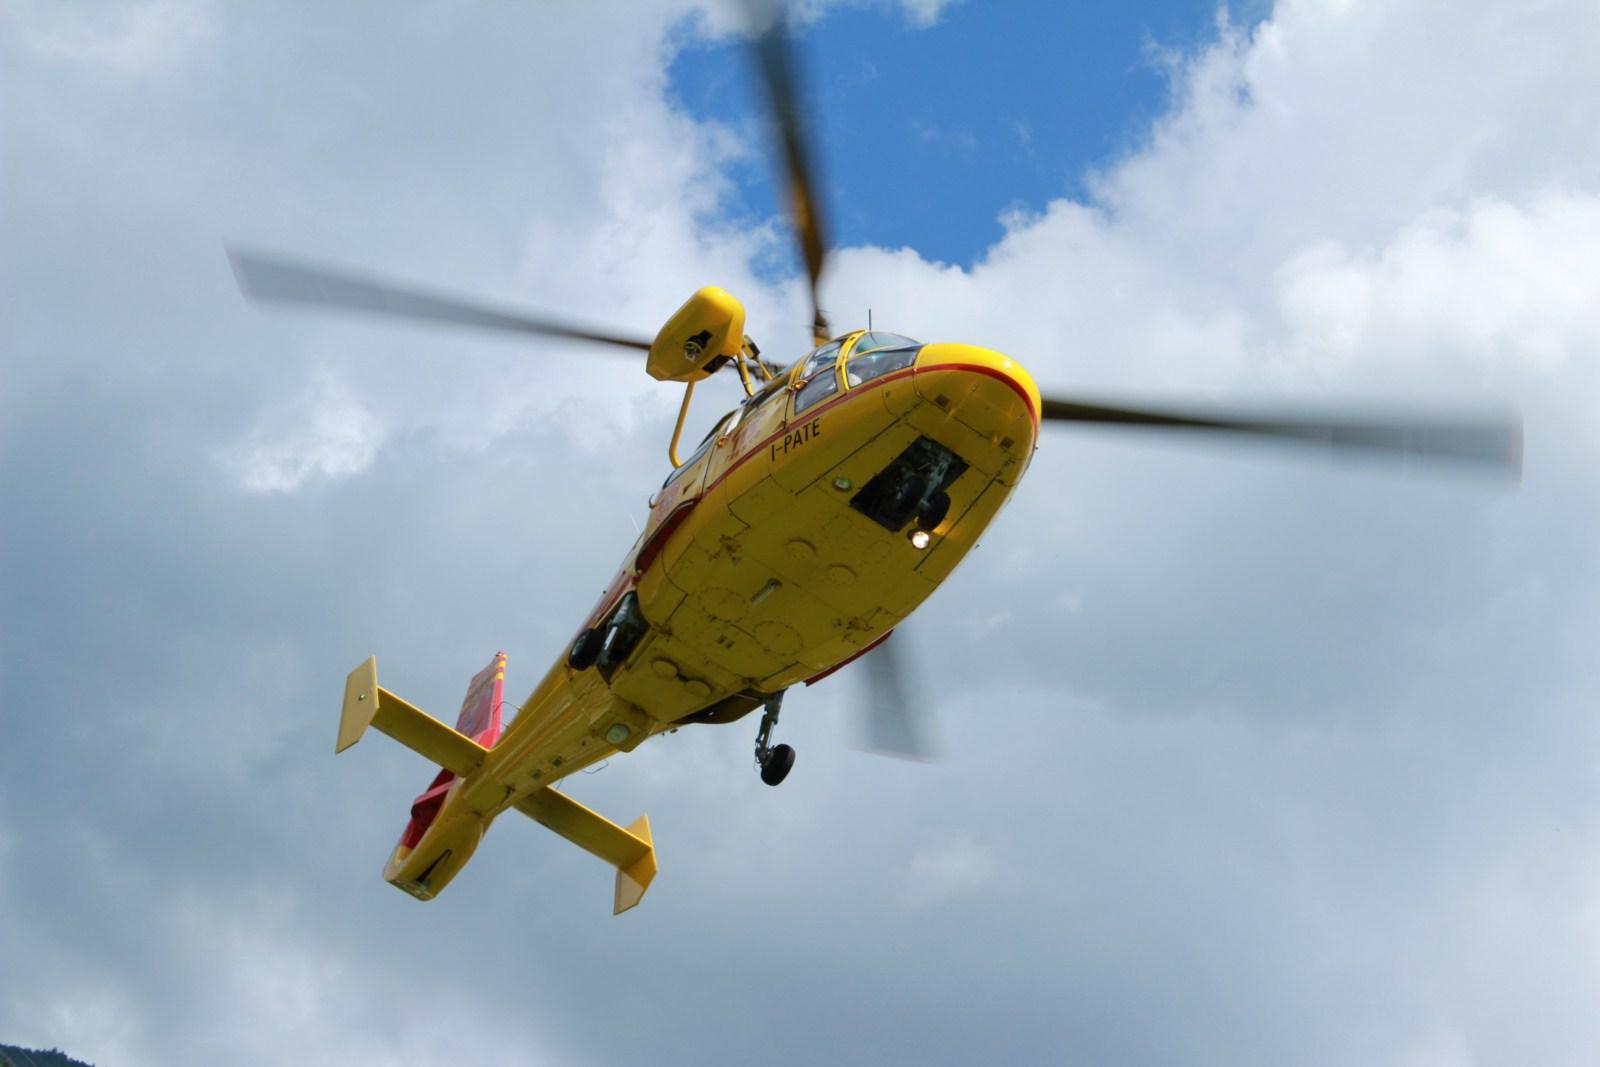 Elicottero Dat3 : Elicottero soccorso alpino flickr photo sharing